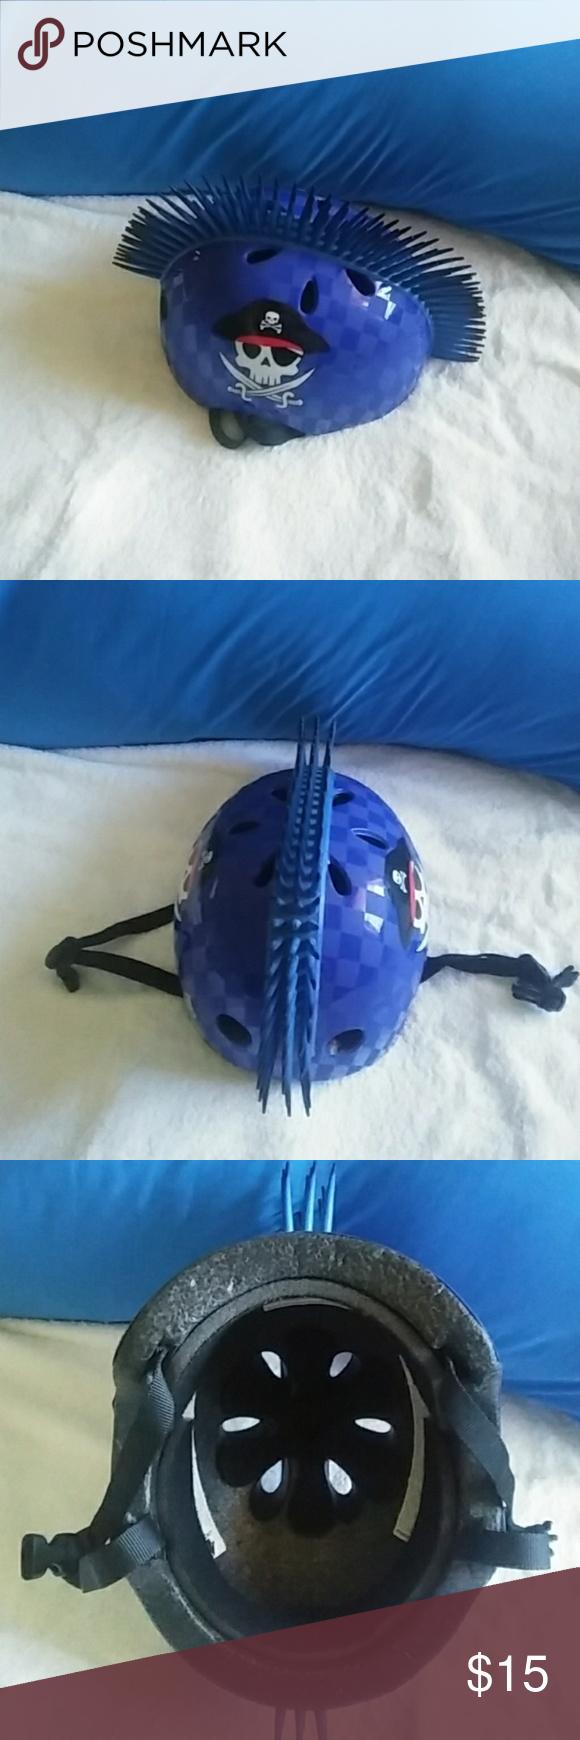 Bike helmet kids helmets bike helmets and helmets